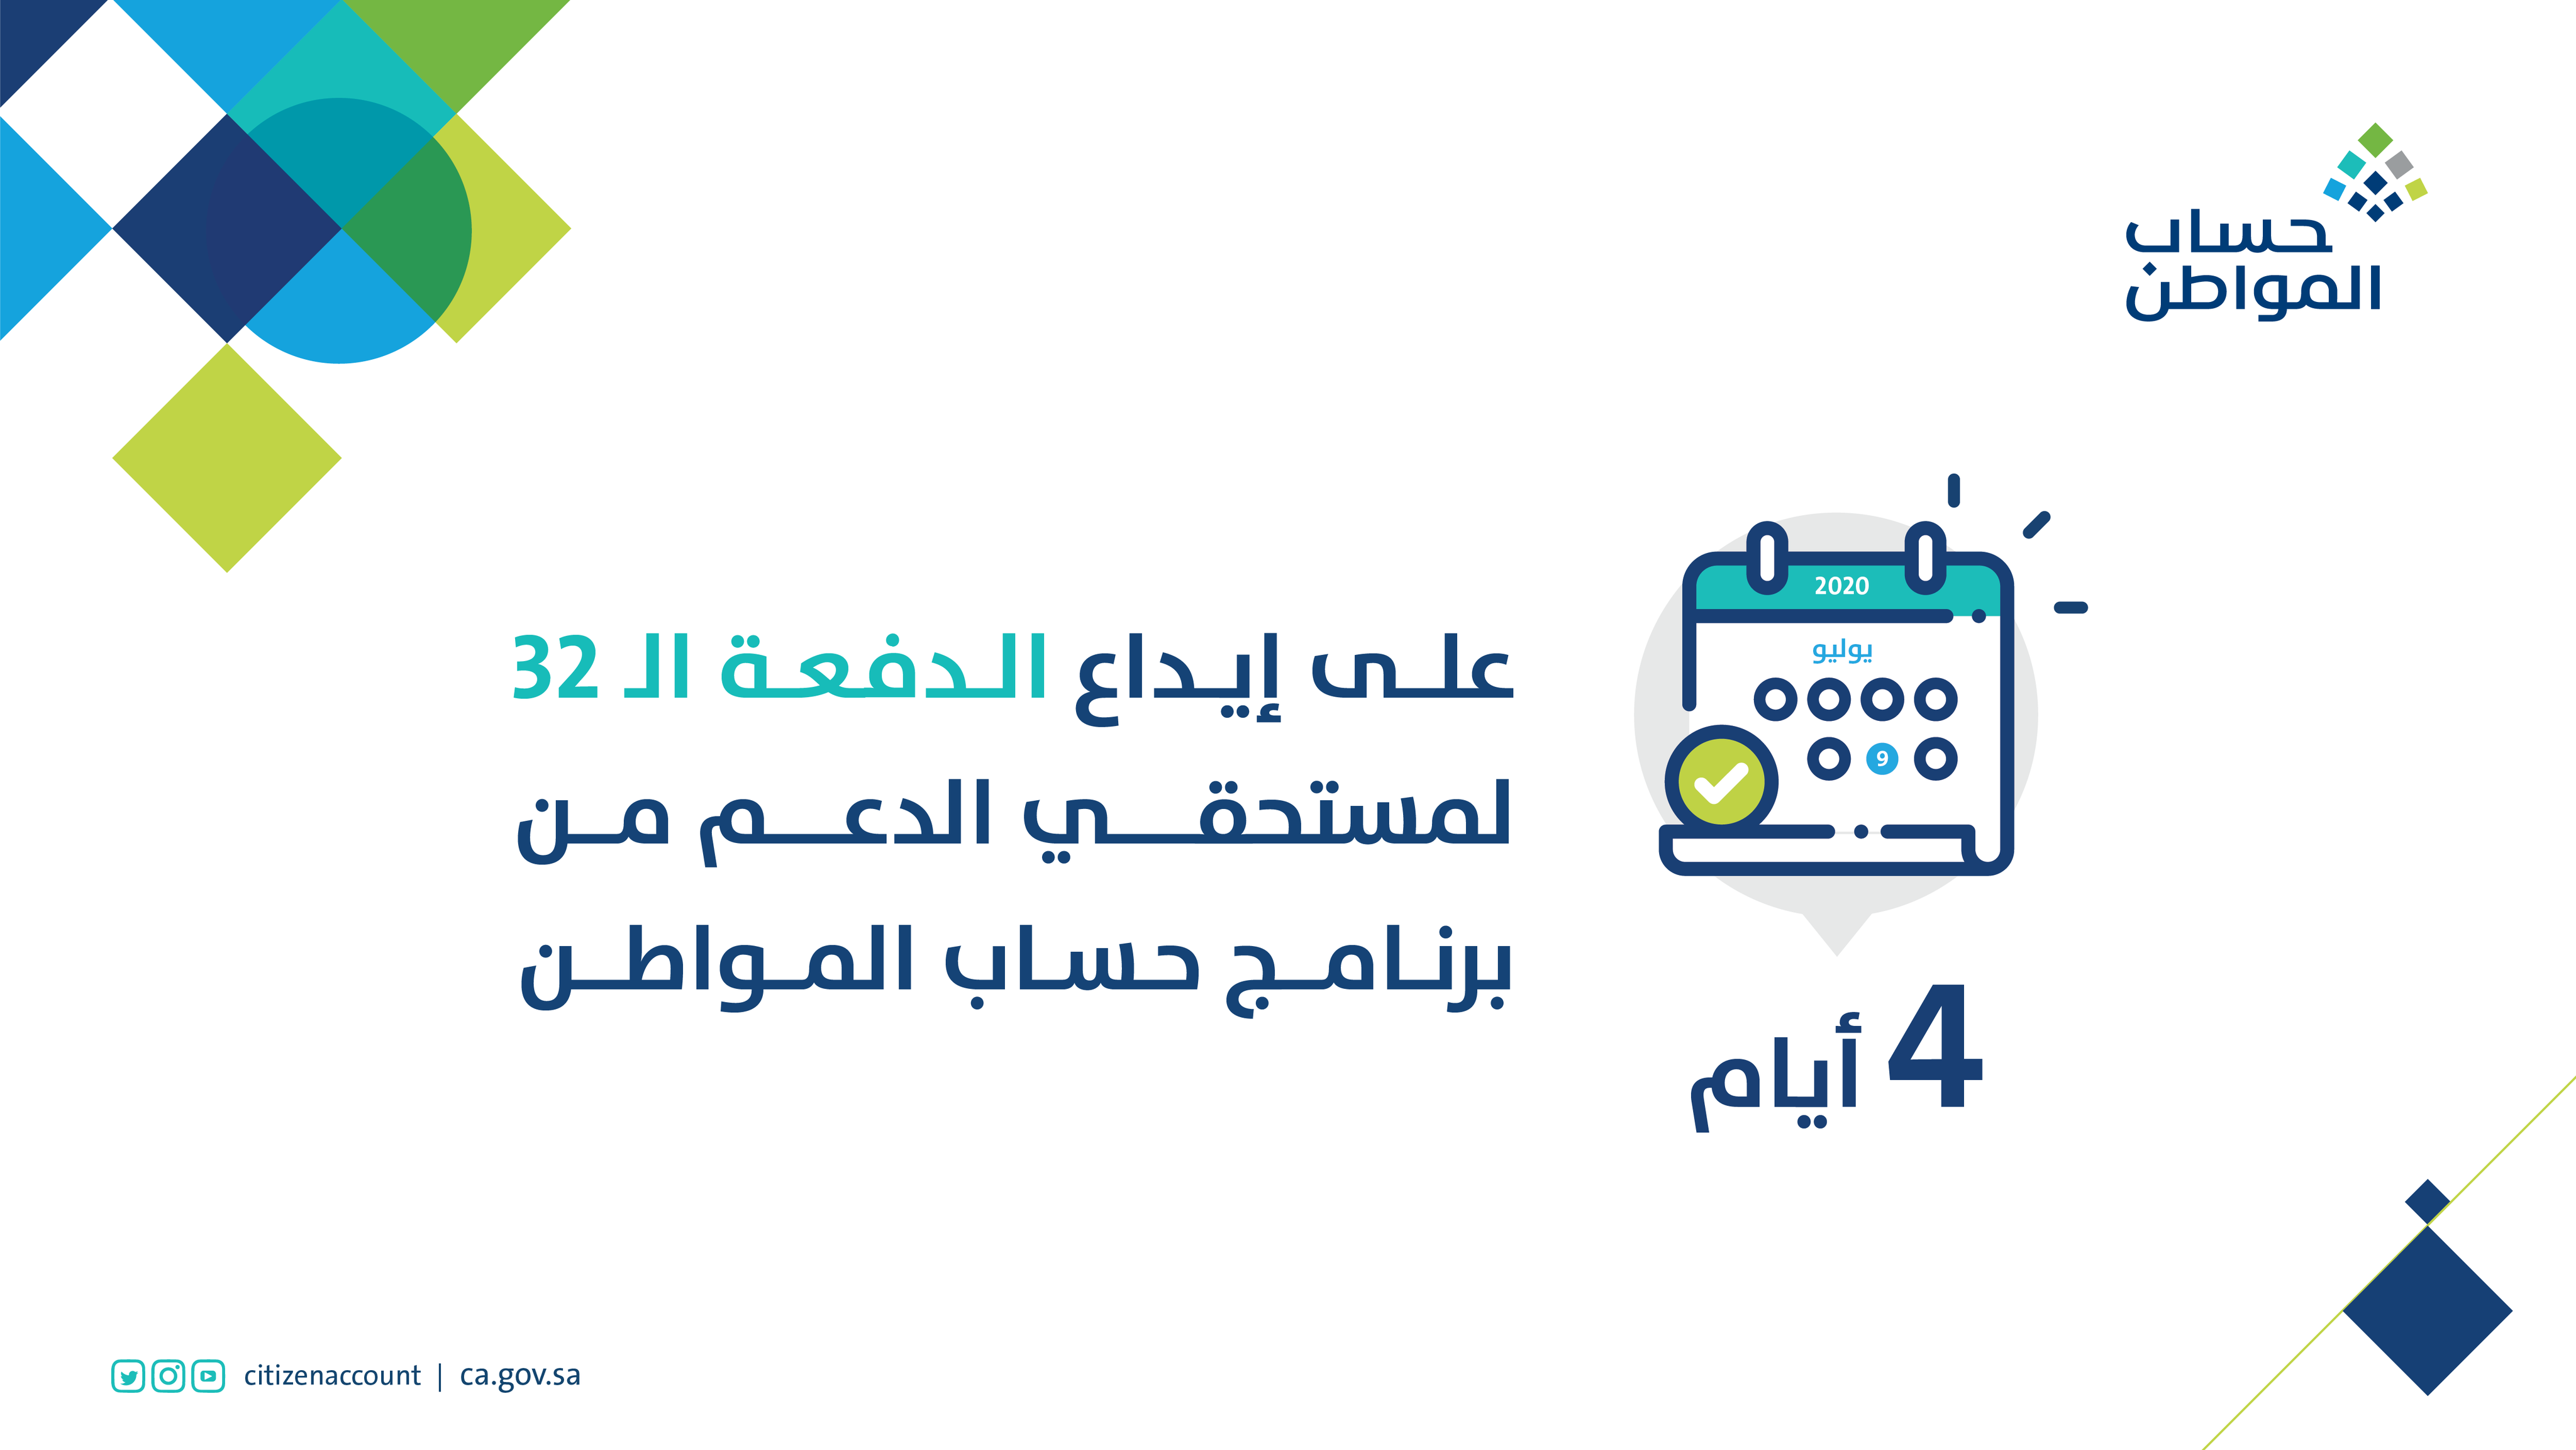 حساب المواطن يعلن موعد نزول الدفعة 32 وخطوات الاعتراض على ...